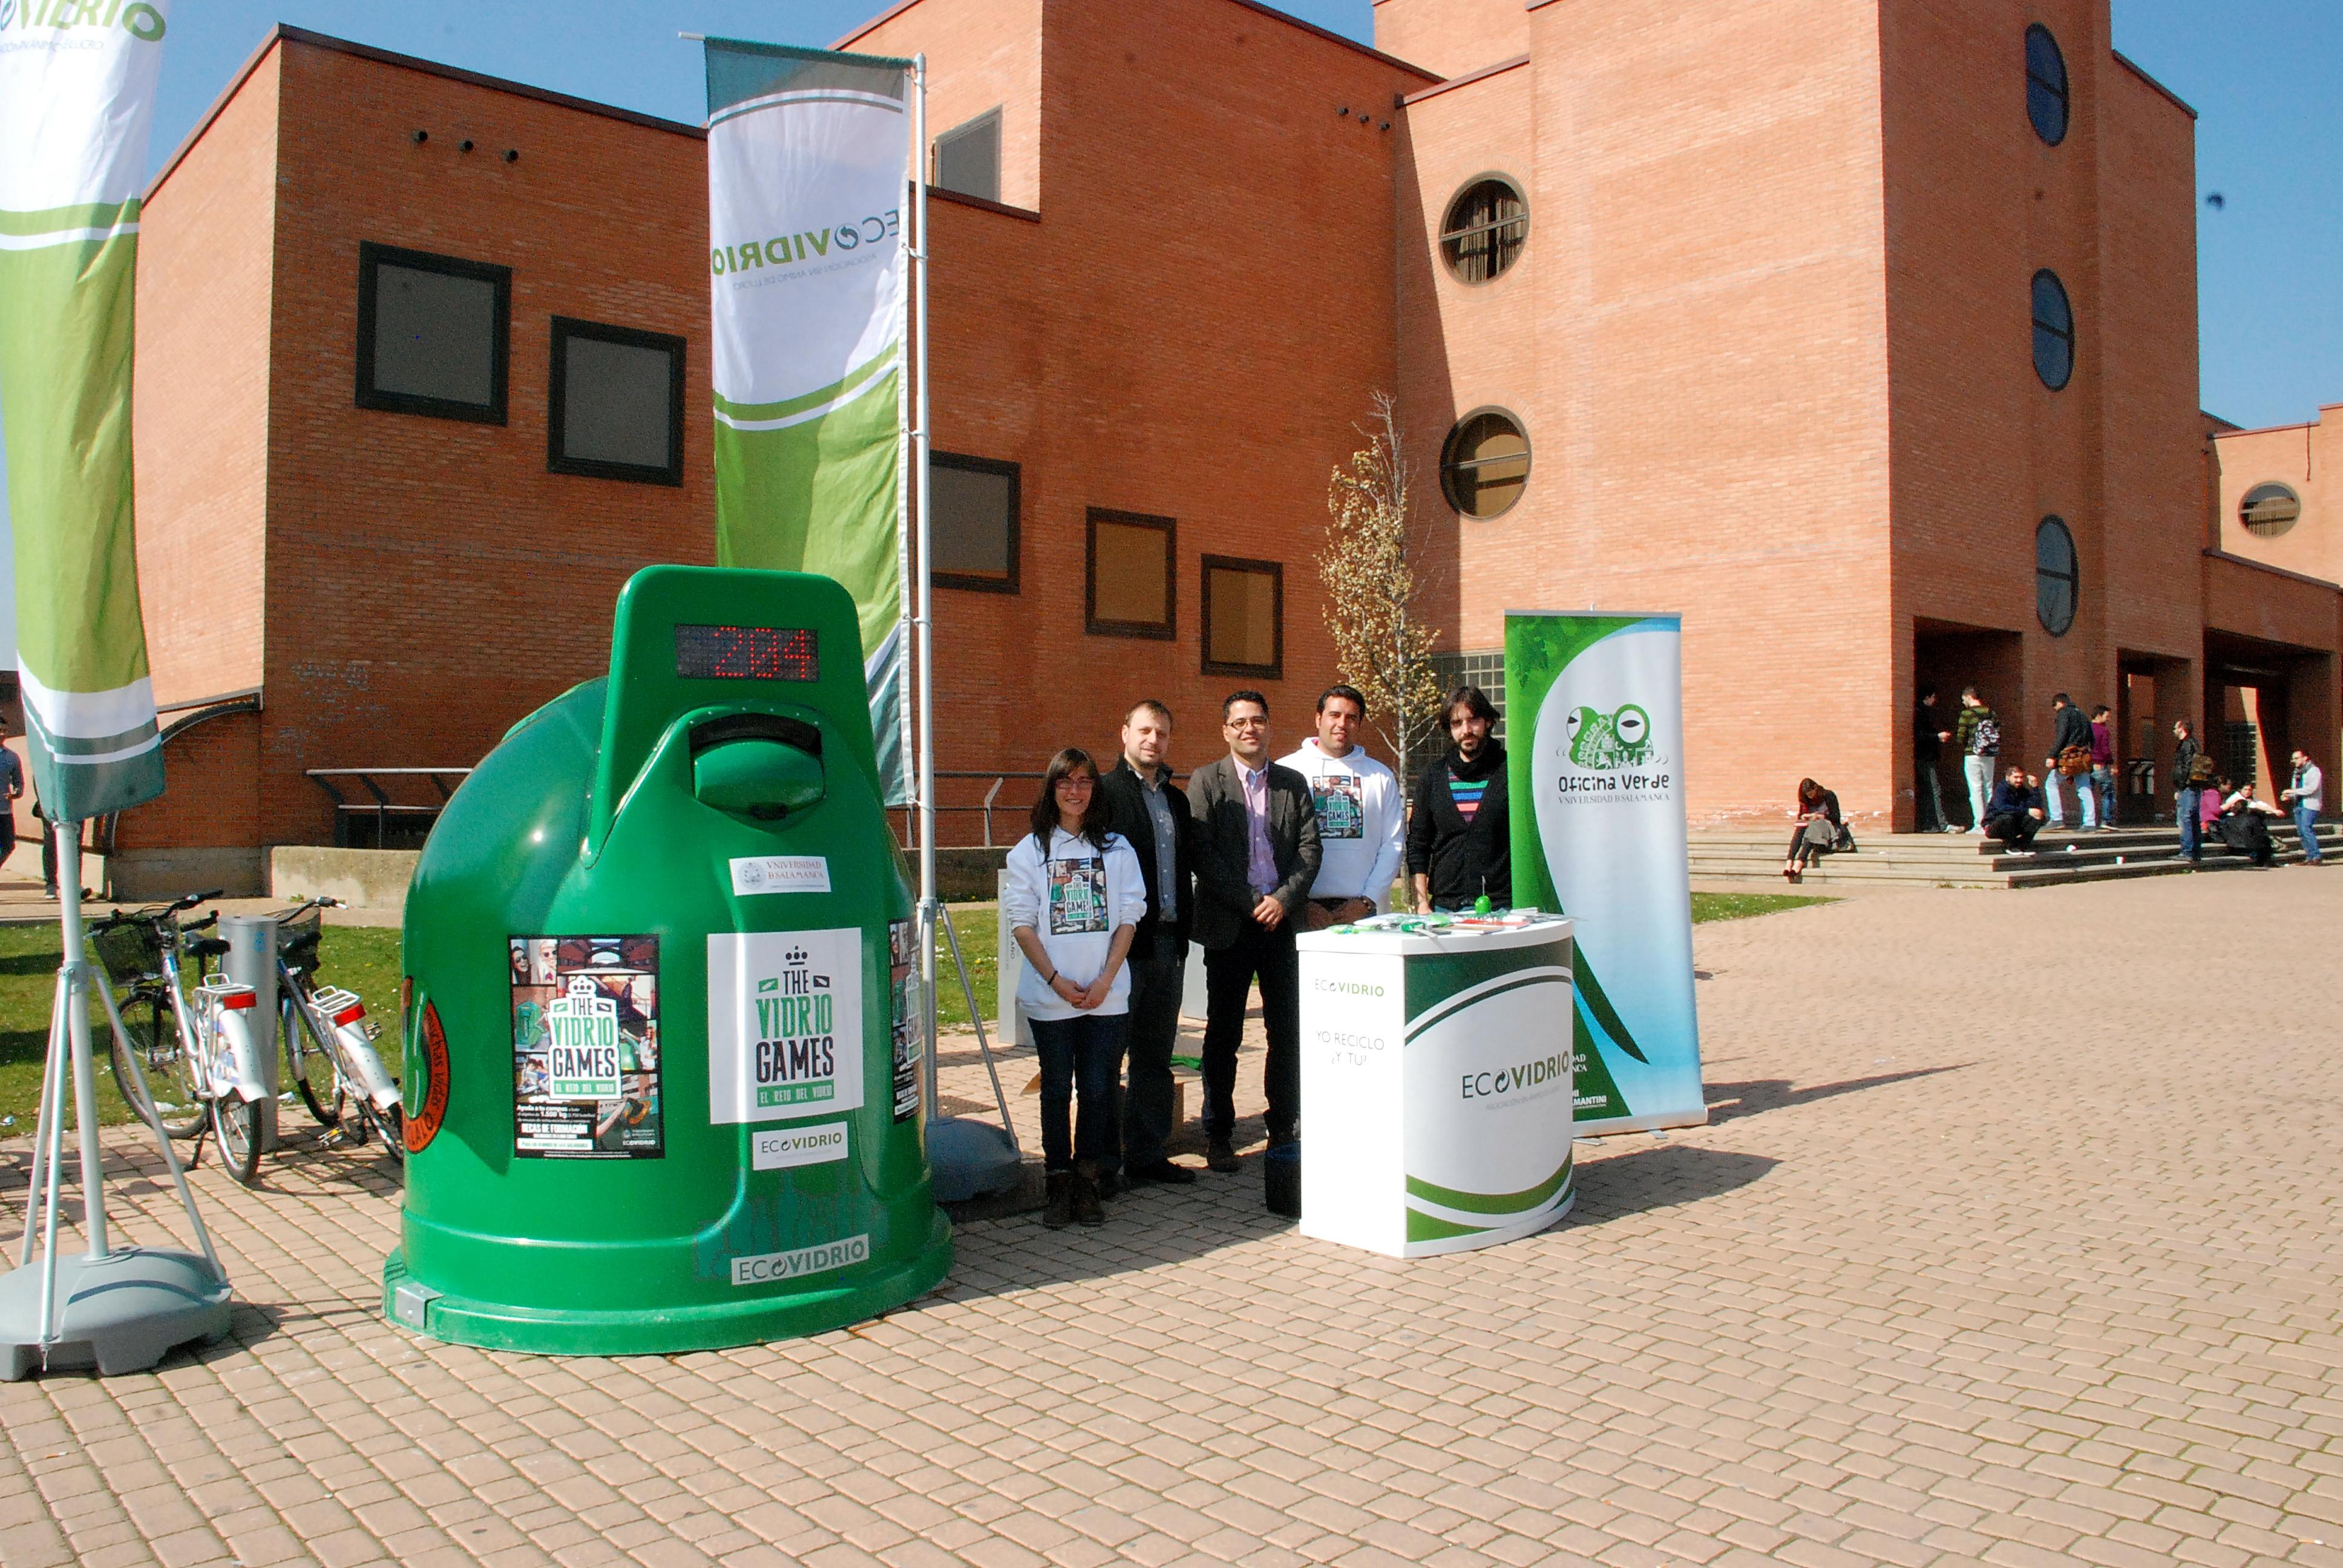 La Oficina Verde Universidad de Salamanca anima a sus estudiantes a colaborar en el reciclaje de vidrio con 'The vidrio games'